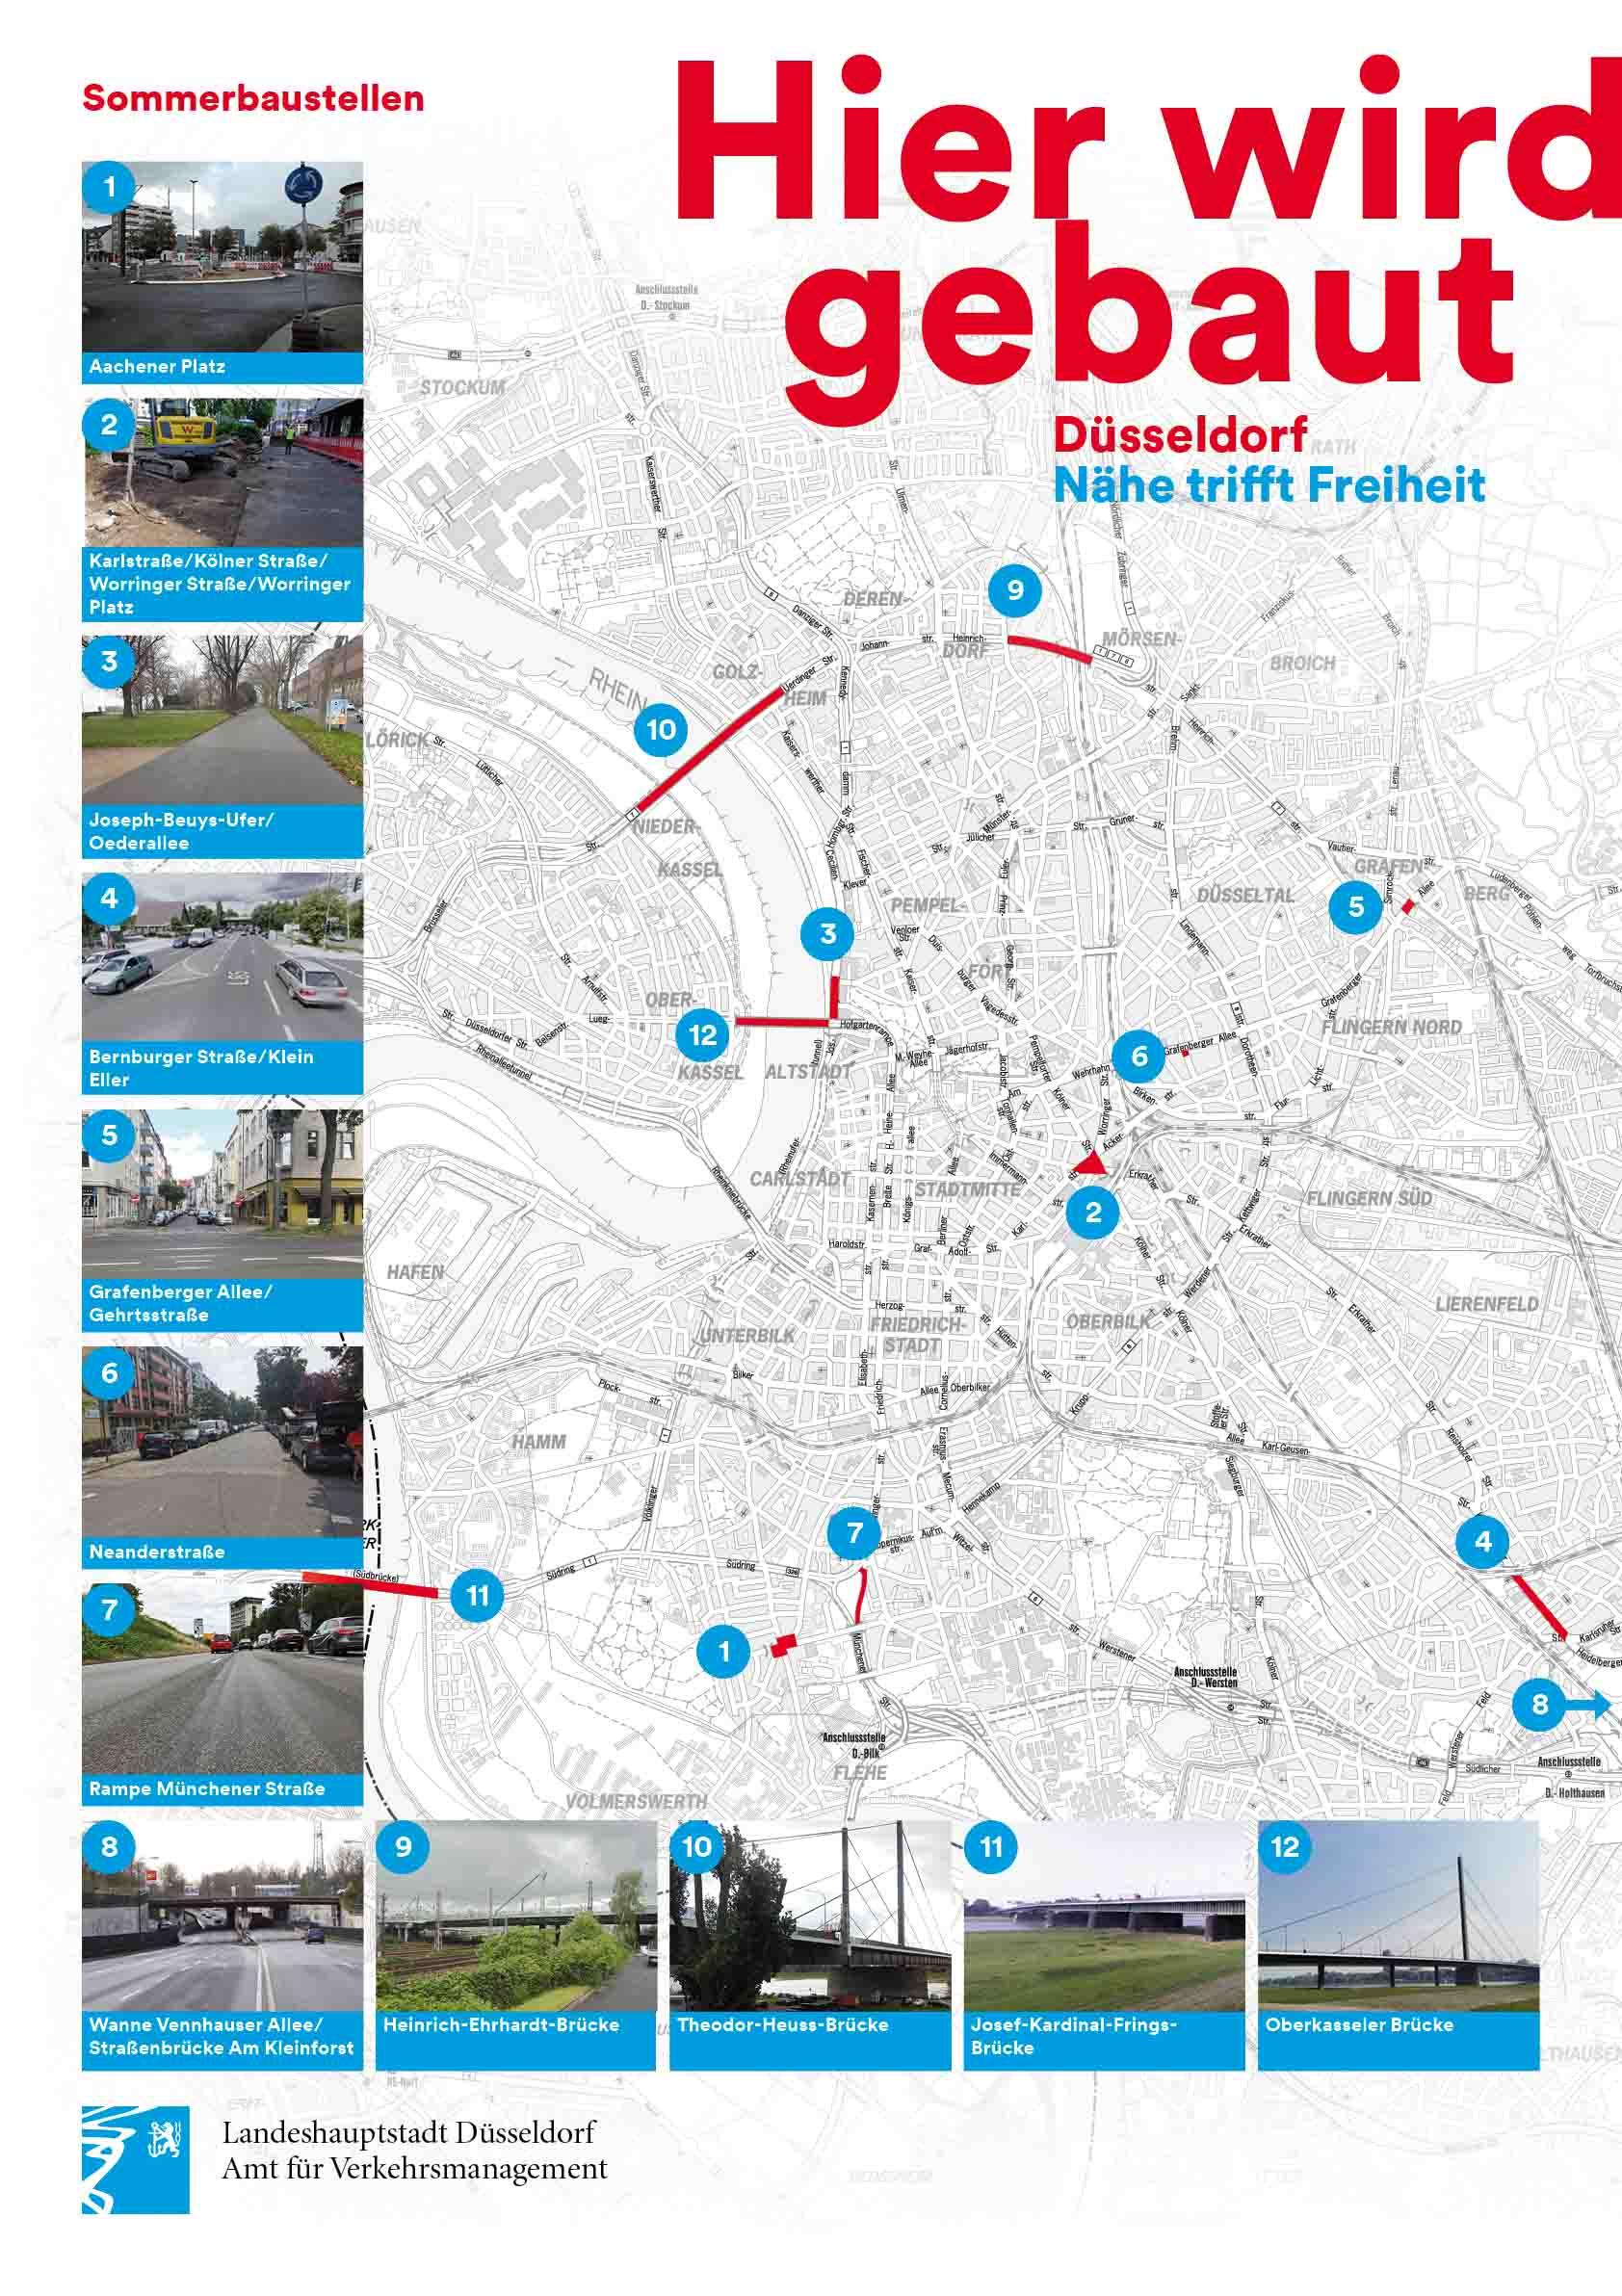 Übersicht über die Sommerbaustellen 2021 (Foto: Stadt Düsseldorf, Amt für Kommunikation)